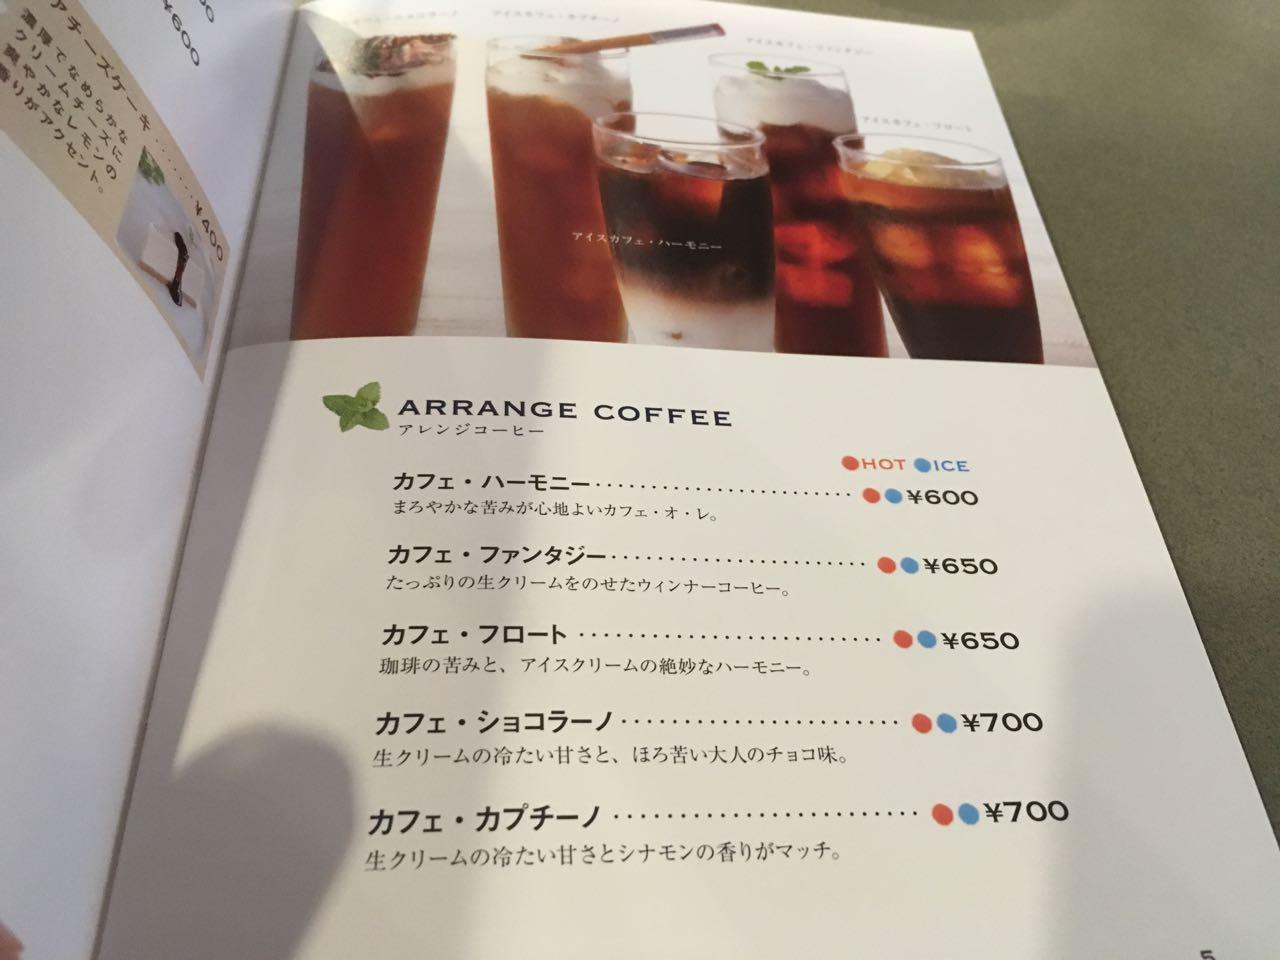 みとん今治,パイプのけむり,珈琲浪漫,カフェ,枝堀